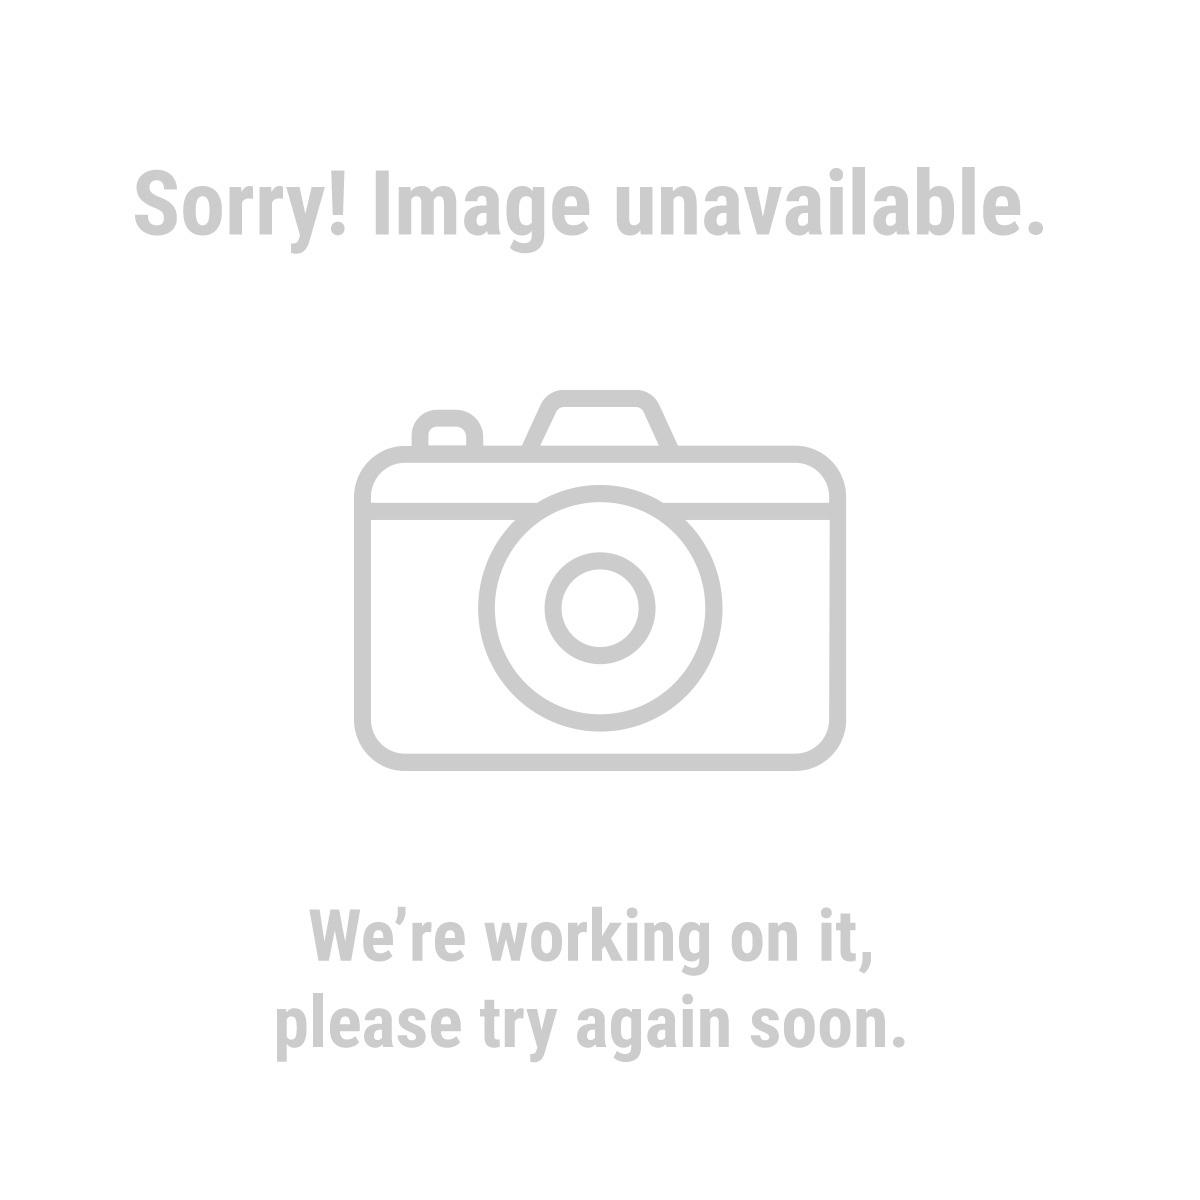 Haul-Master® 60333 1200 Lb. Capacity Convertible Aluminum Loading Ramp